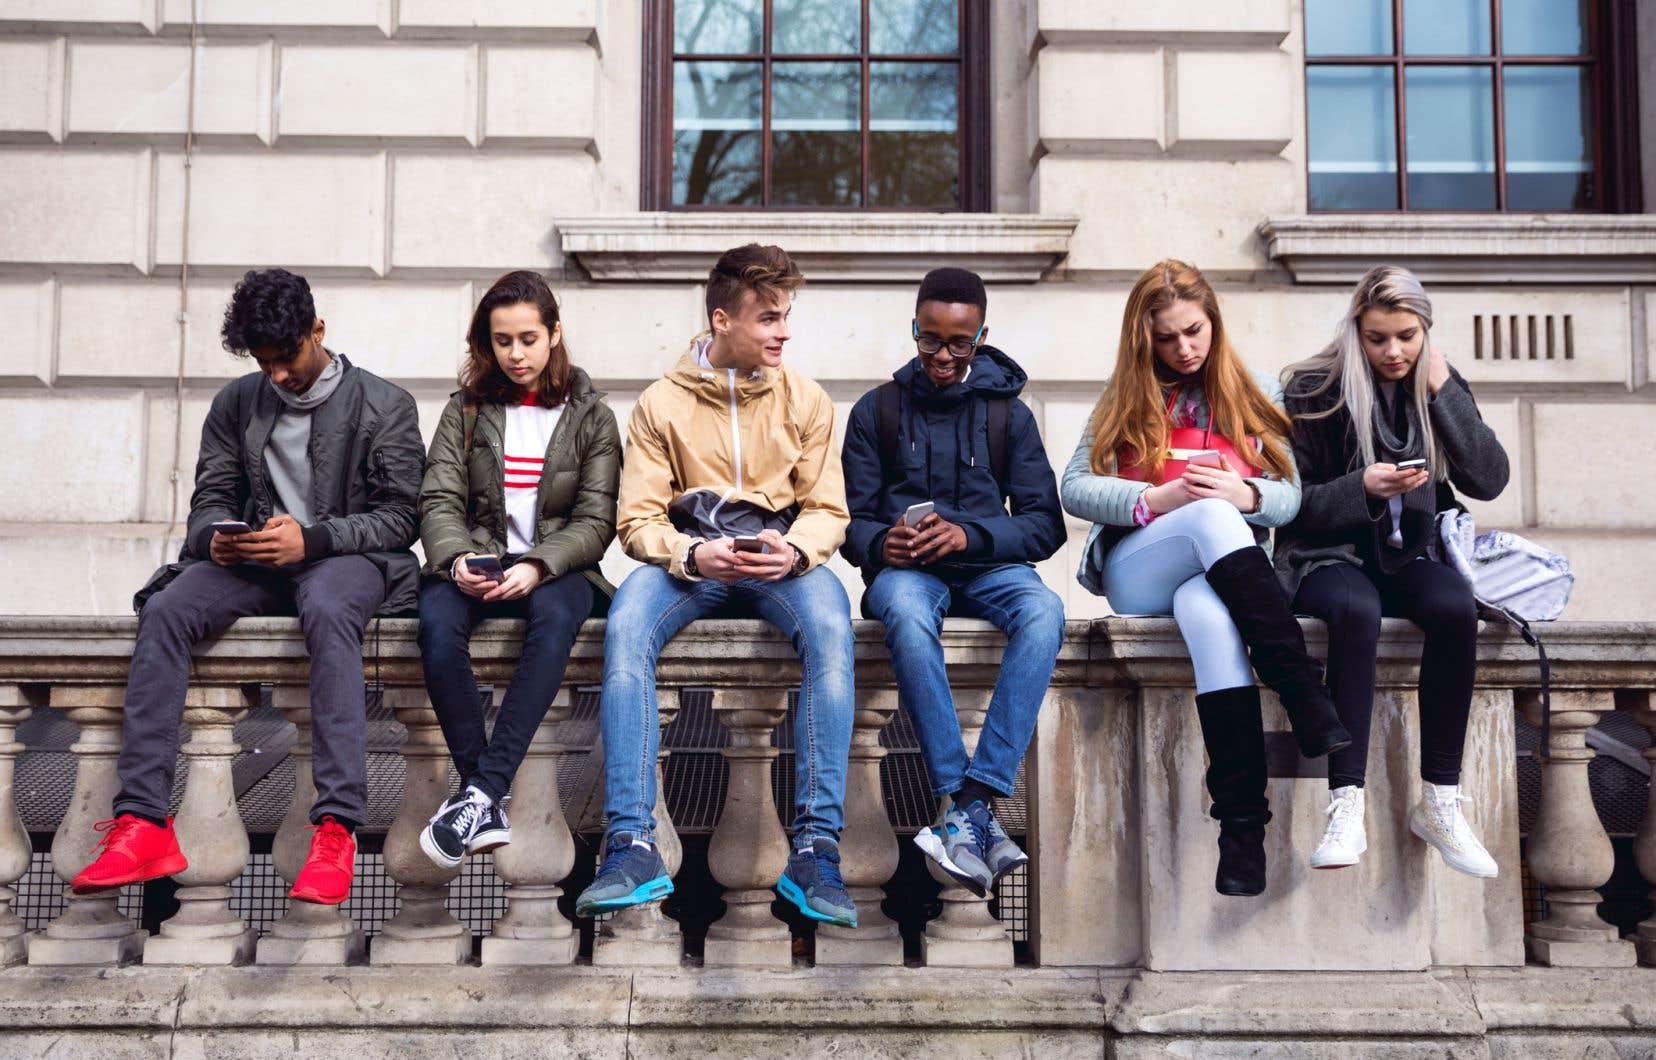 95% des adolescents sondés indiquent utiliser un téléphone intelligent et 45% disent être en ligne «presque en permanence».